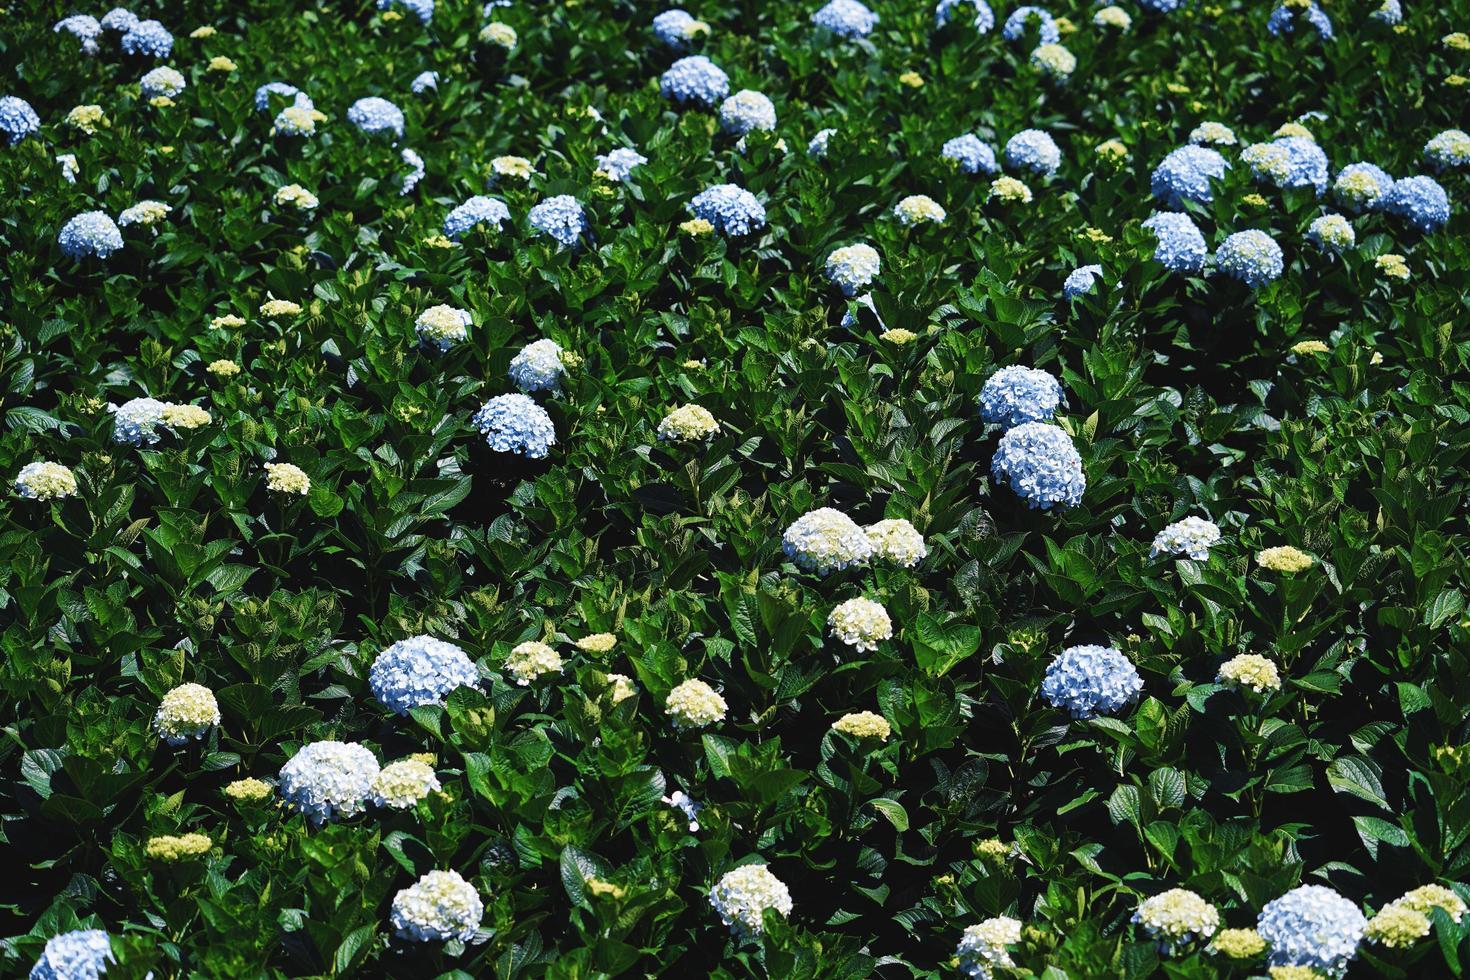 hortensia blommor blommar i dalats trädgård foto